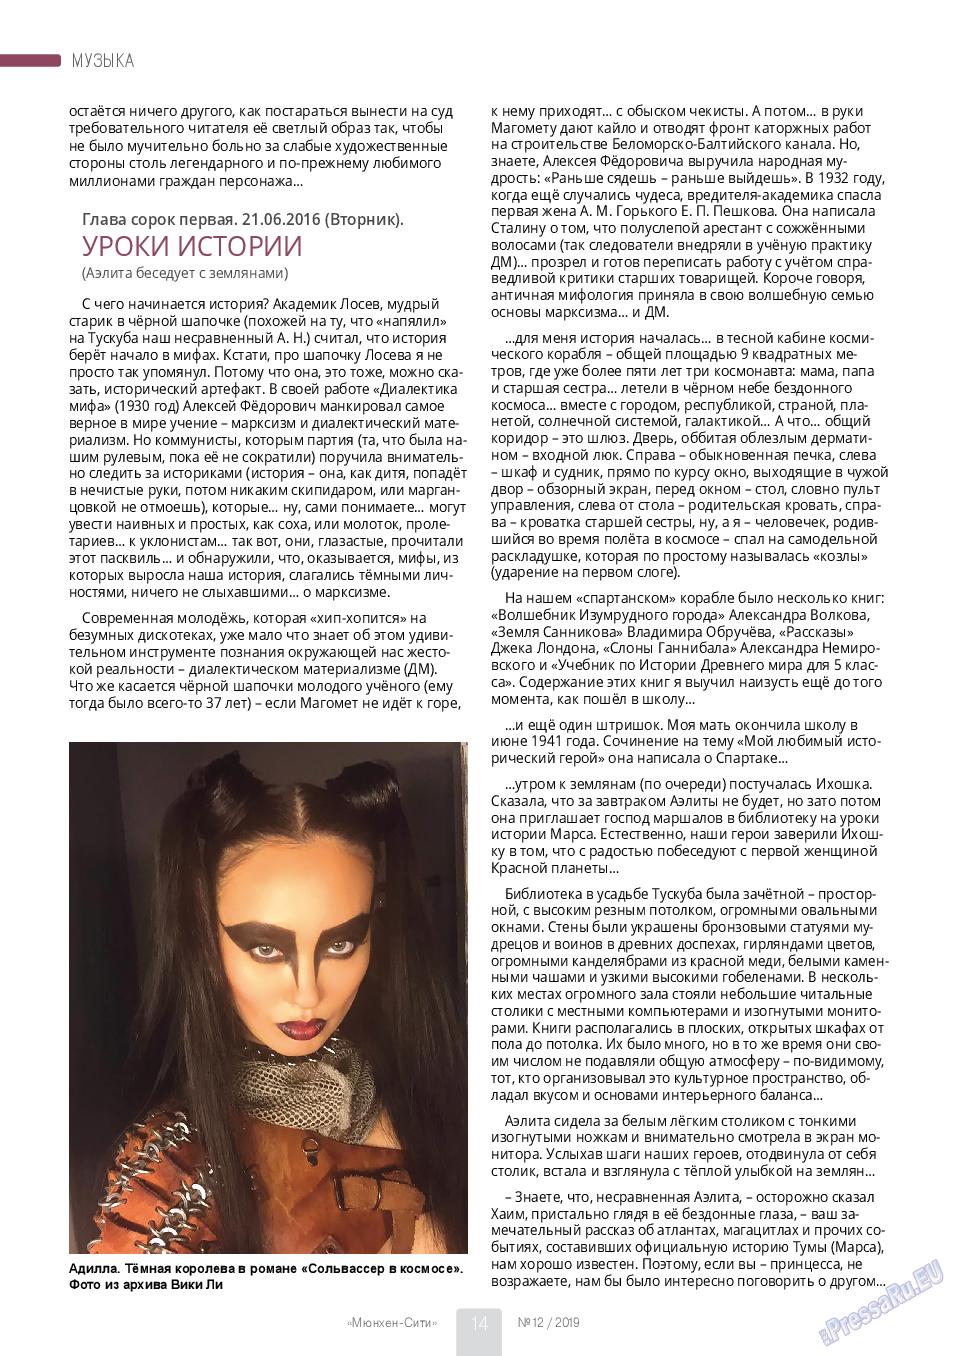 Мюнхен-сити (журнал). 2019 год, номер 99, стр. 14